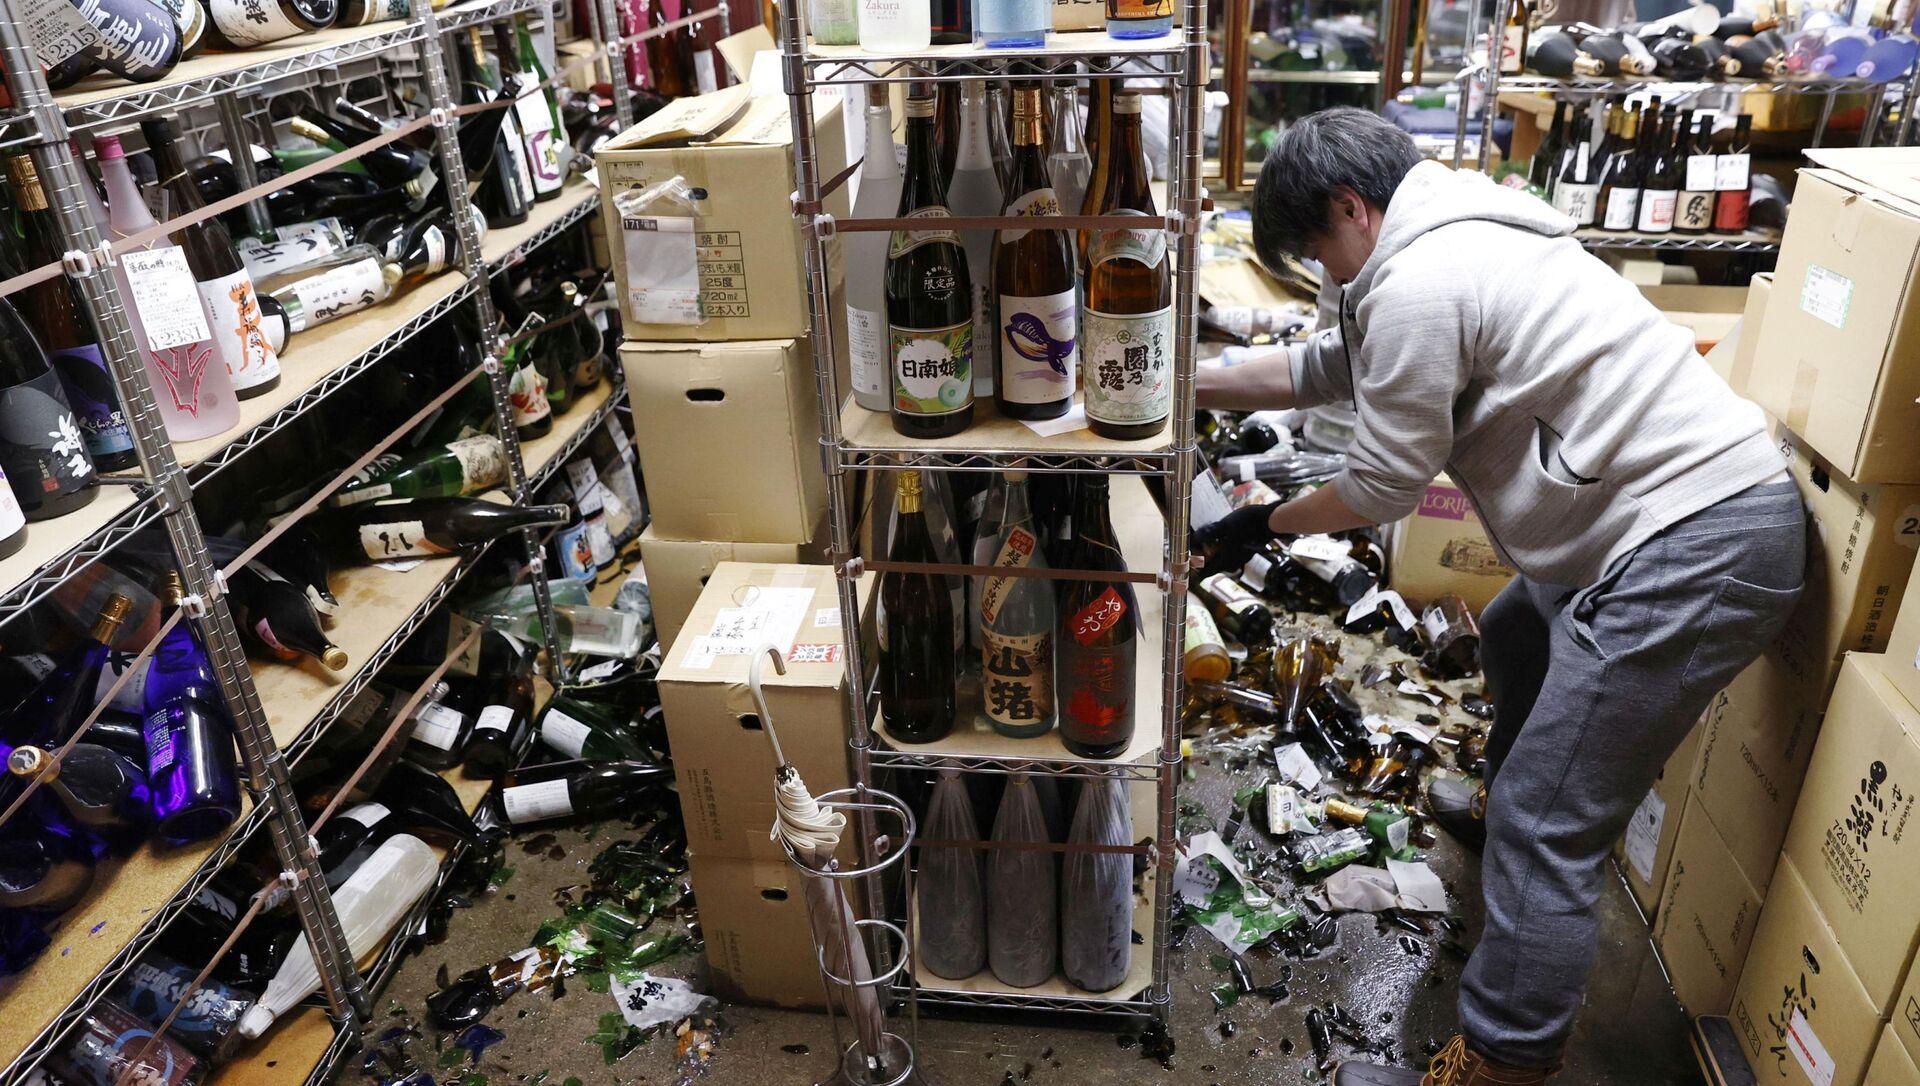 Straty w sklepie z winem po trzęsieniu ziemi, Japonia - Sputnik Polska, 1920, 13.02.2021